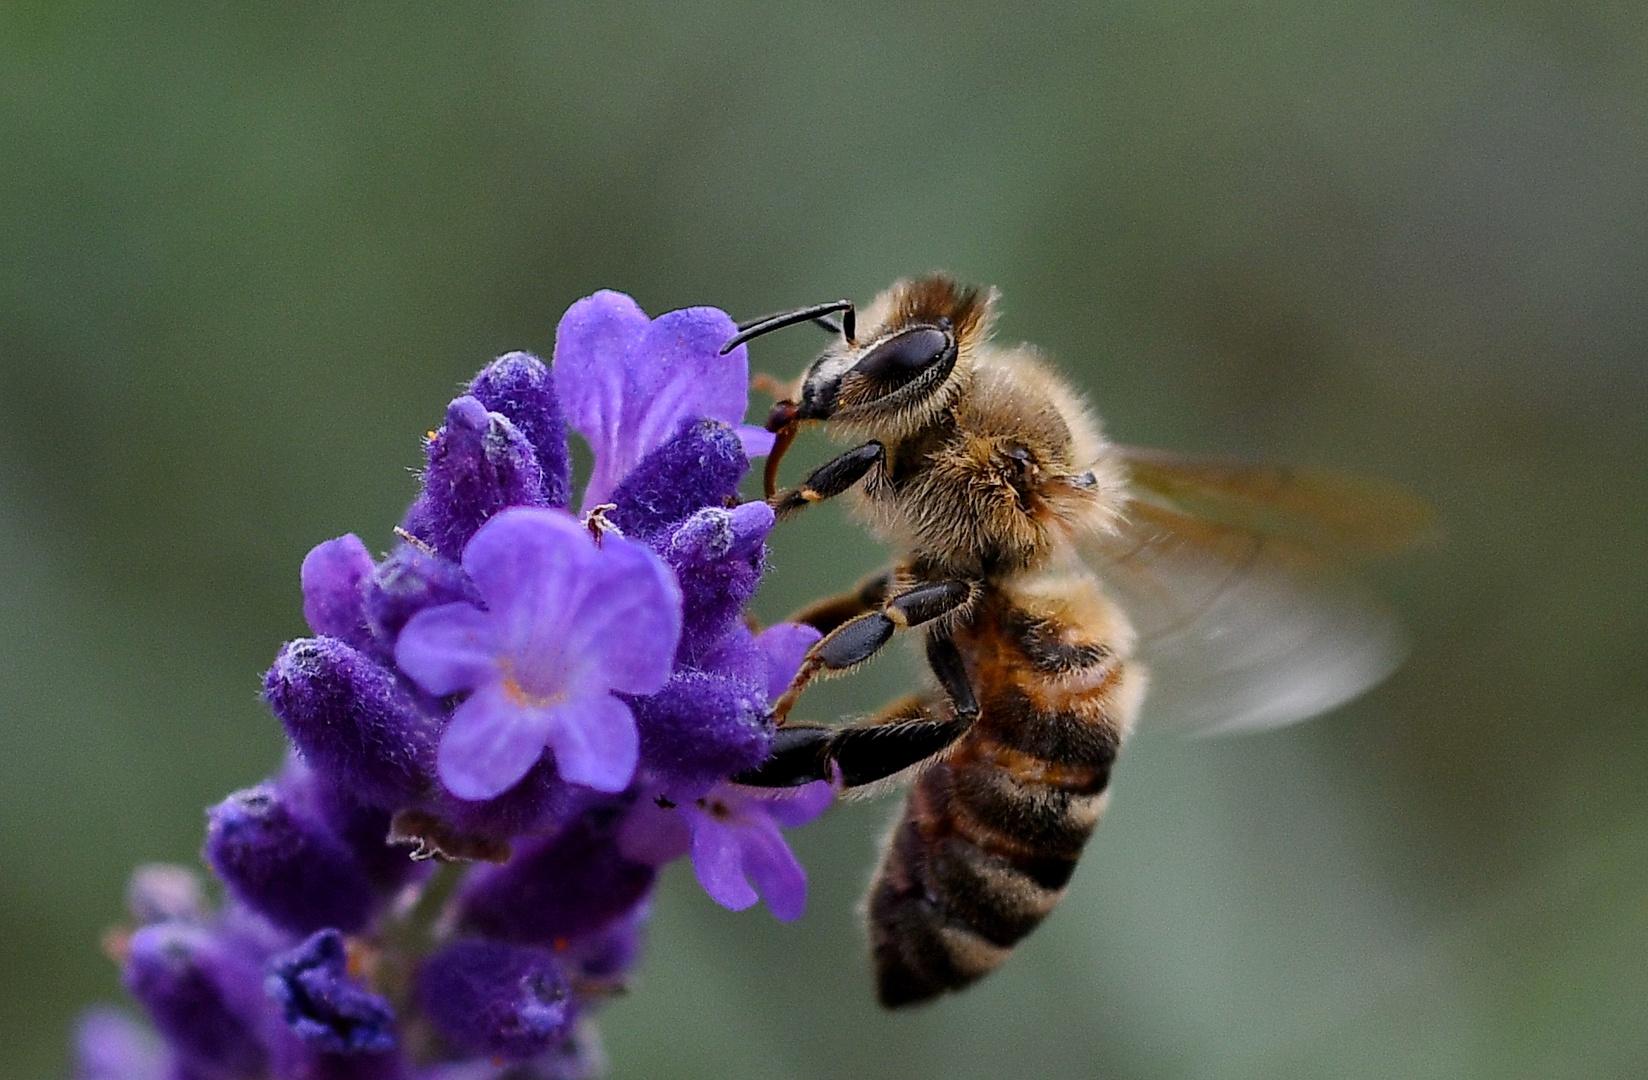 insekten foto  bild  tiere wildlife insekten bilder